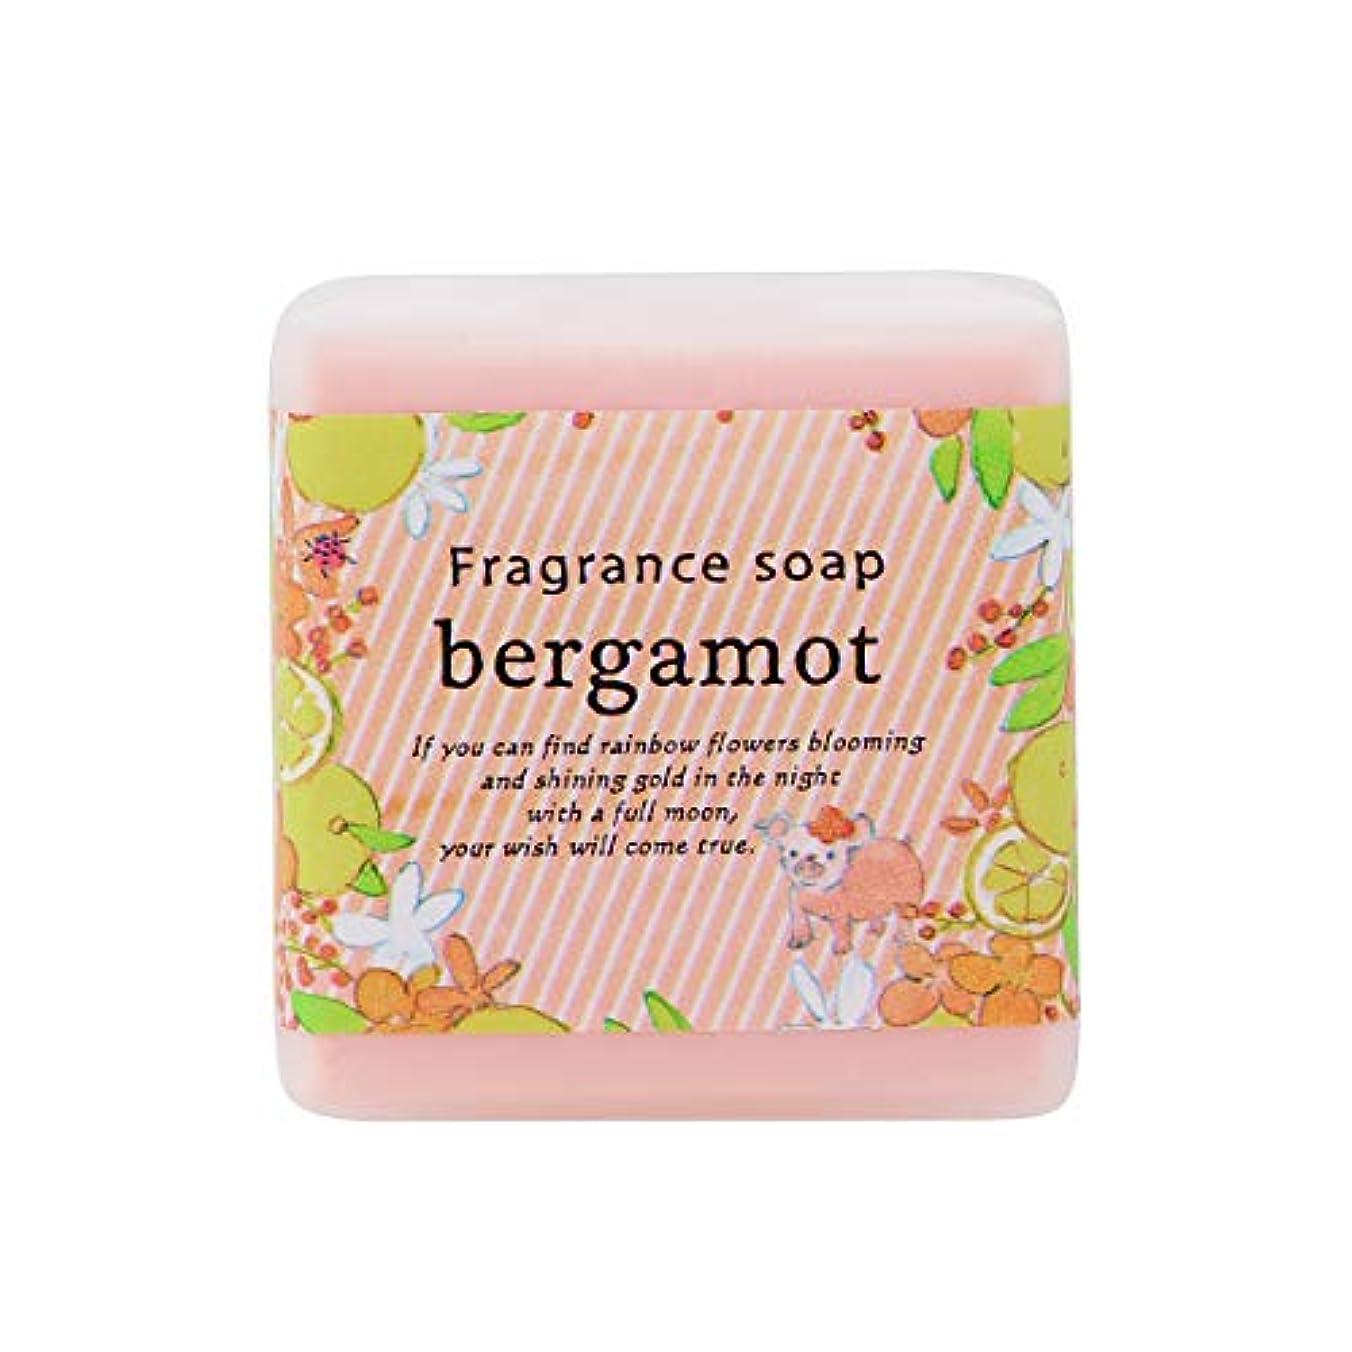 タイピスト間違えた吸収剤サンハーブ フレグランスソープ40g ベルガモット 12個(プチ石けん ゲストソープ 懐かしい甘酸っぱい香り)